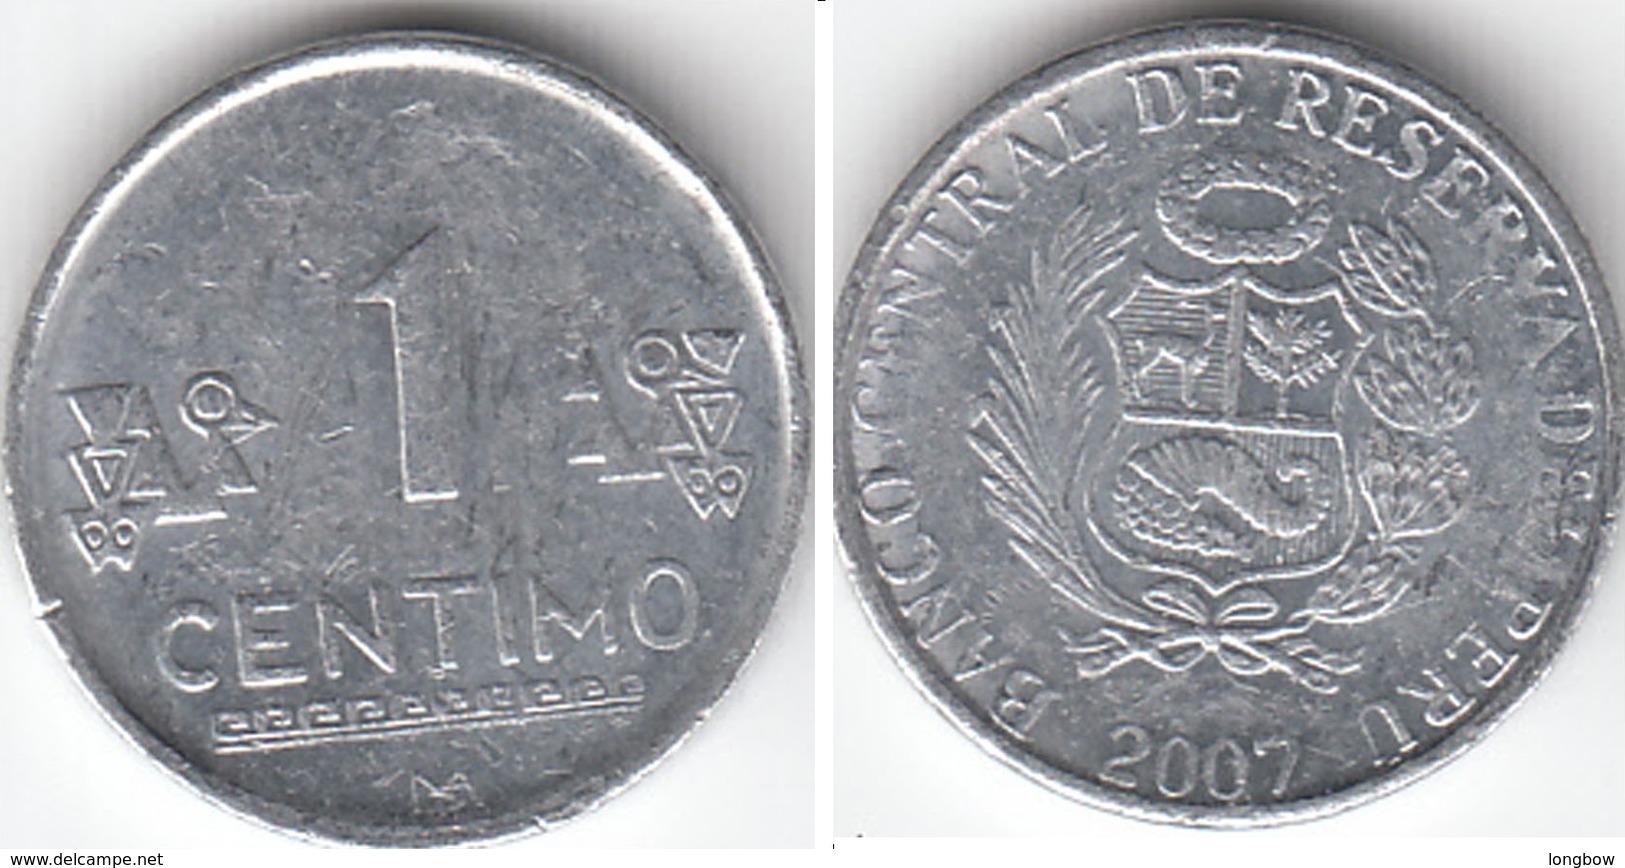 Perù 1 Centimo 2007 Nuevo Sol KM#303.4a - Used - Perú